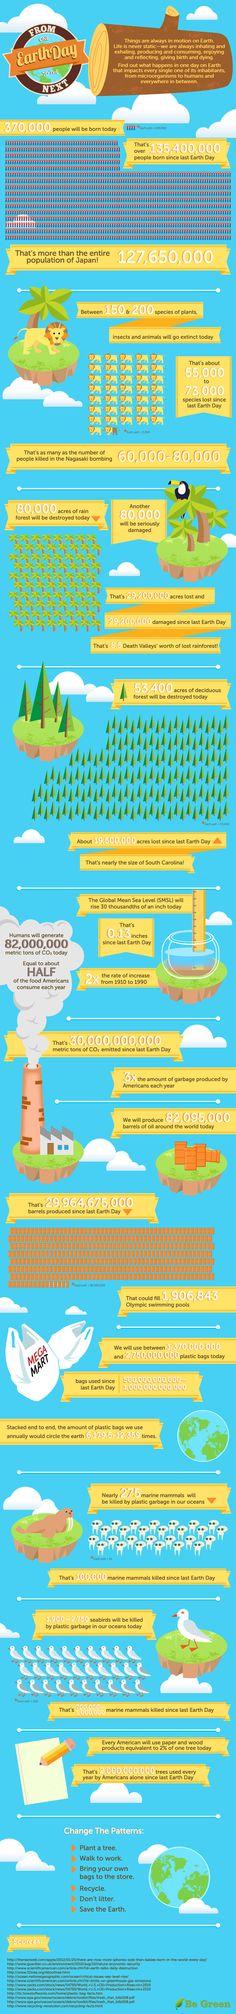 Desde un día de la Tierra hasta el siguiente. #infografia #infographic #medioambiente